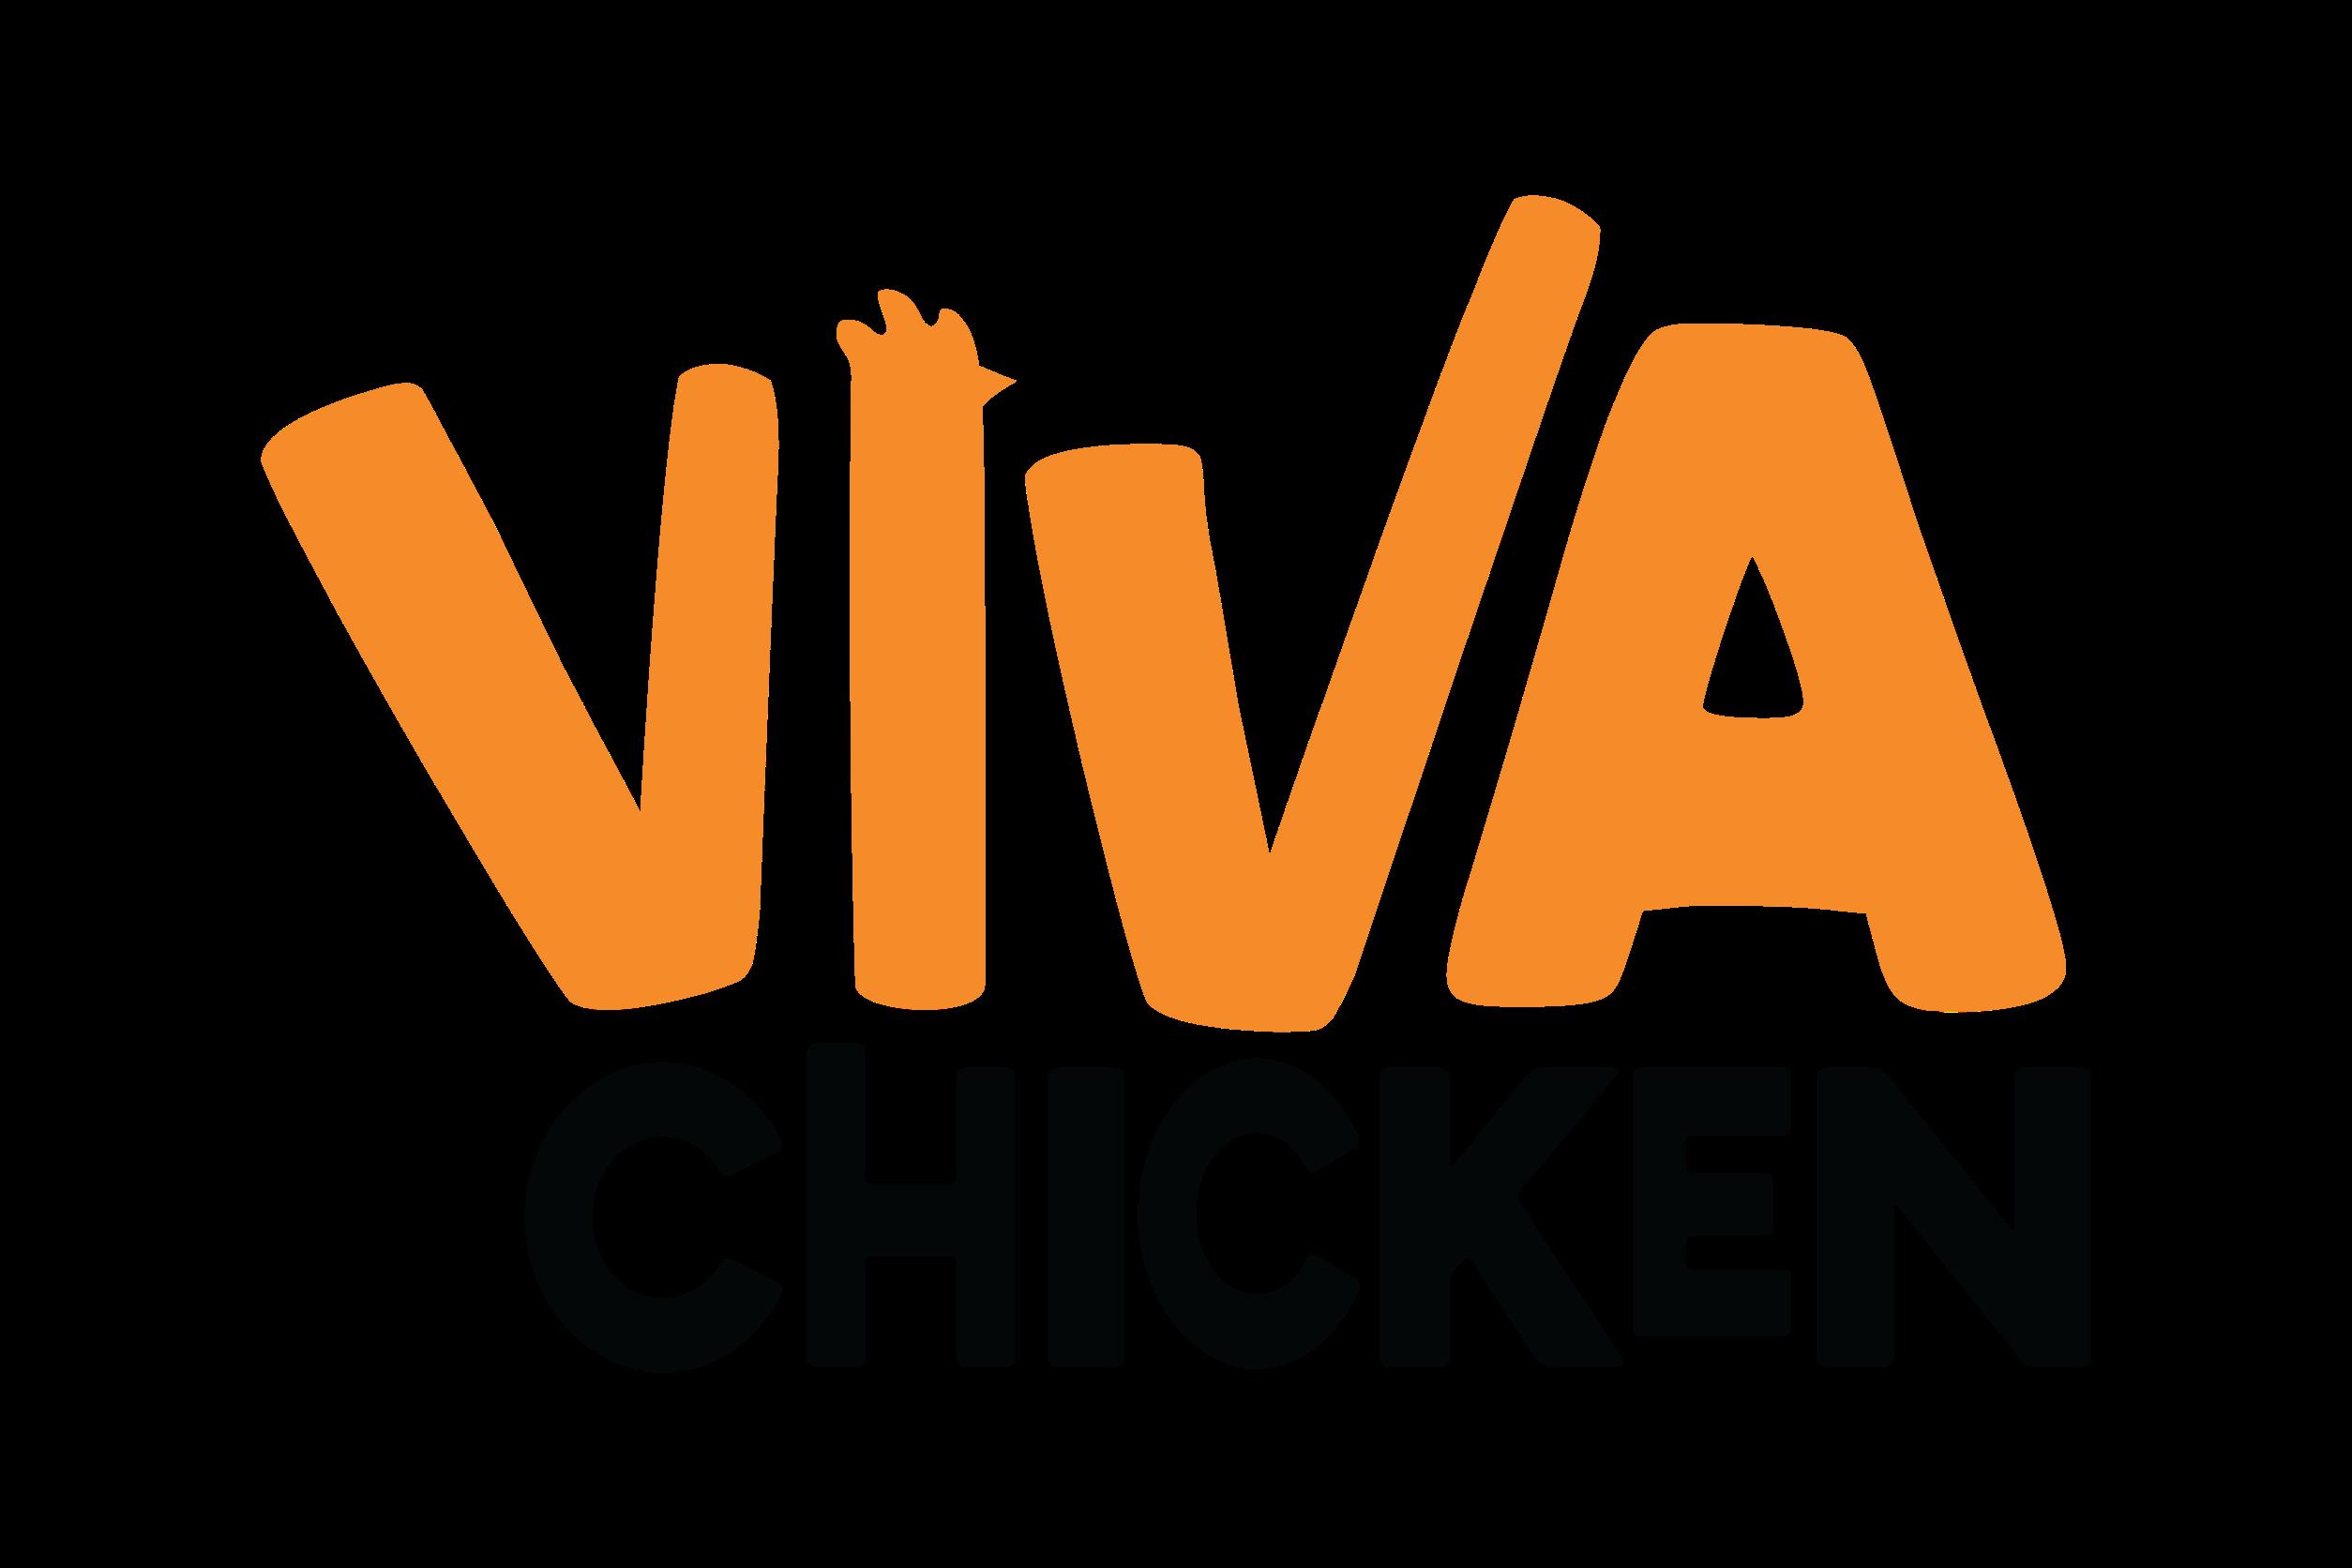 Viva Chicken Logo